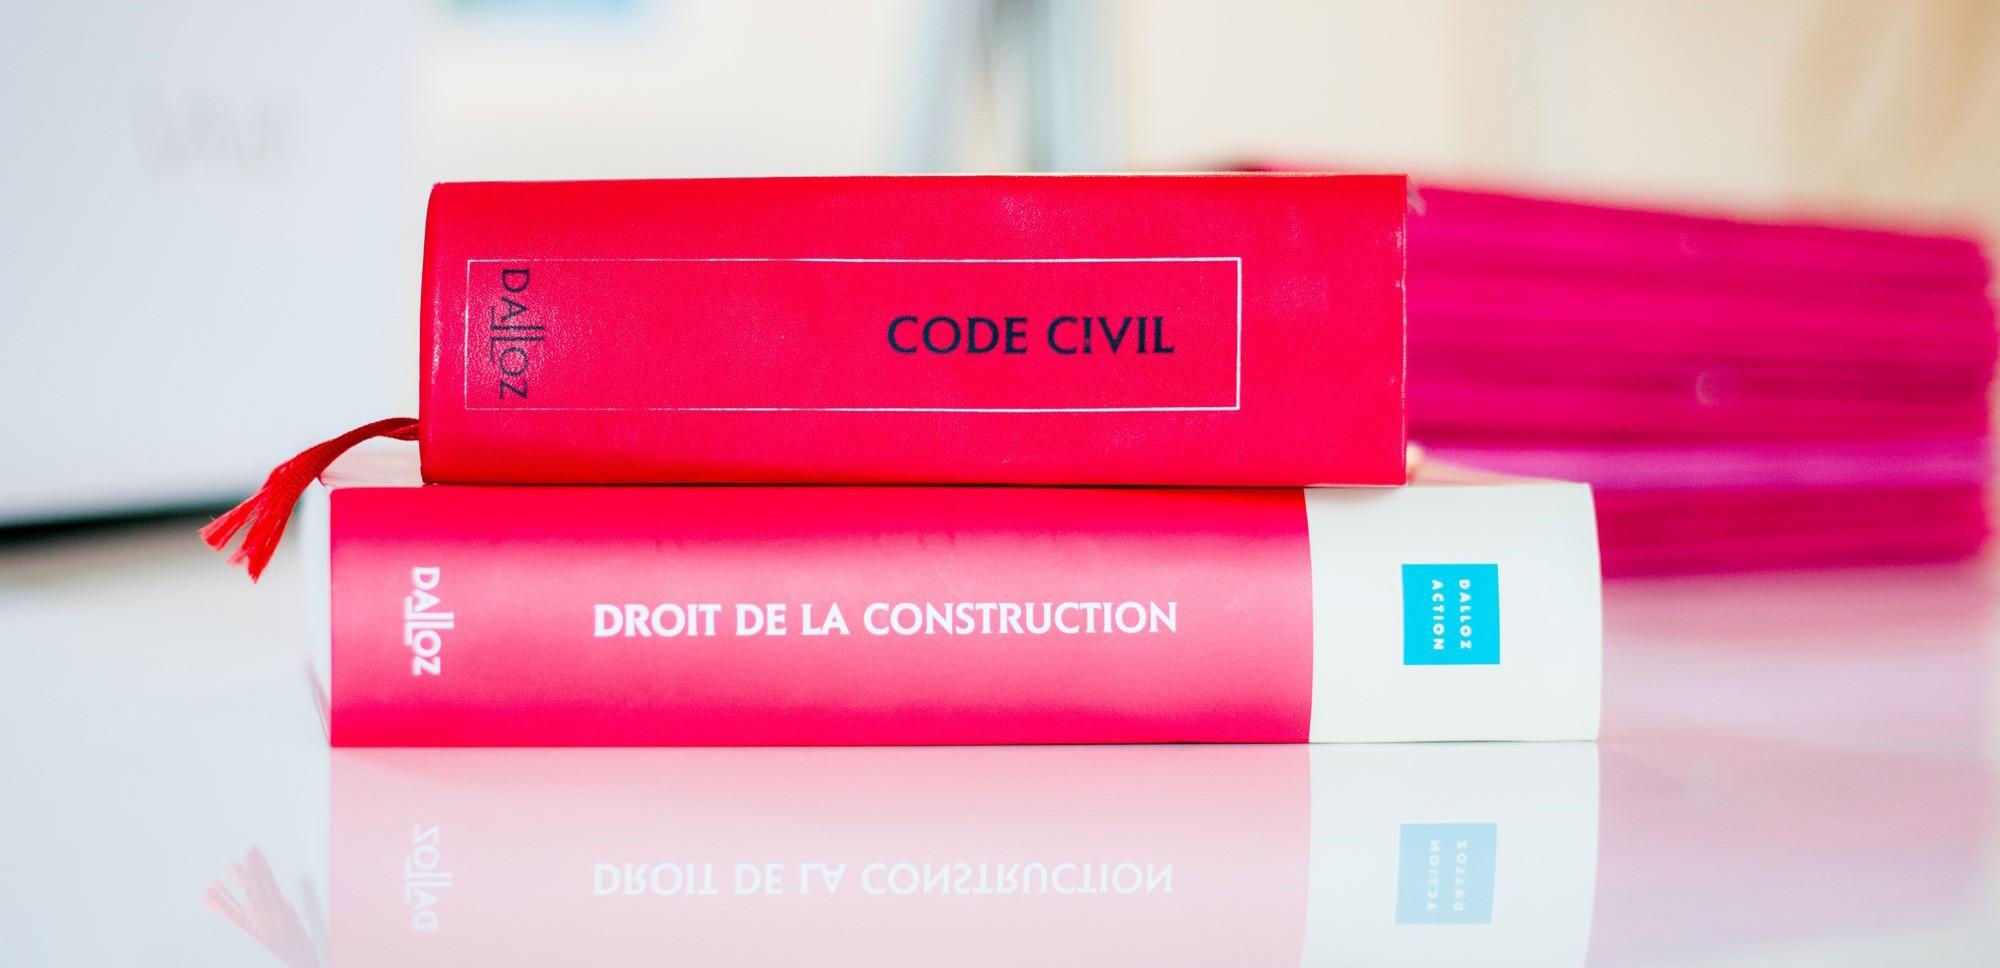 Droit civil droit construction